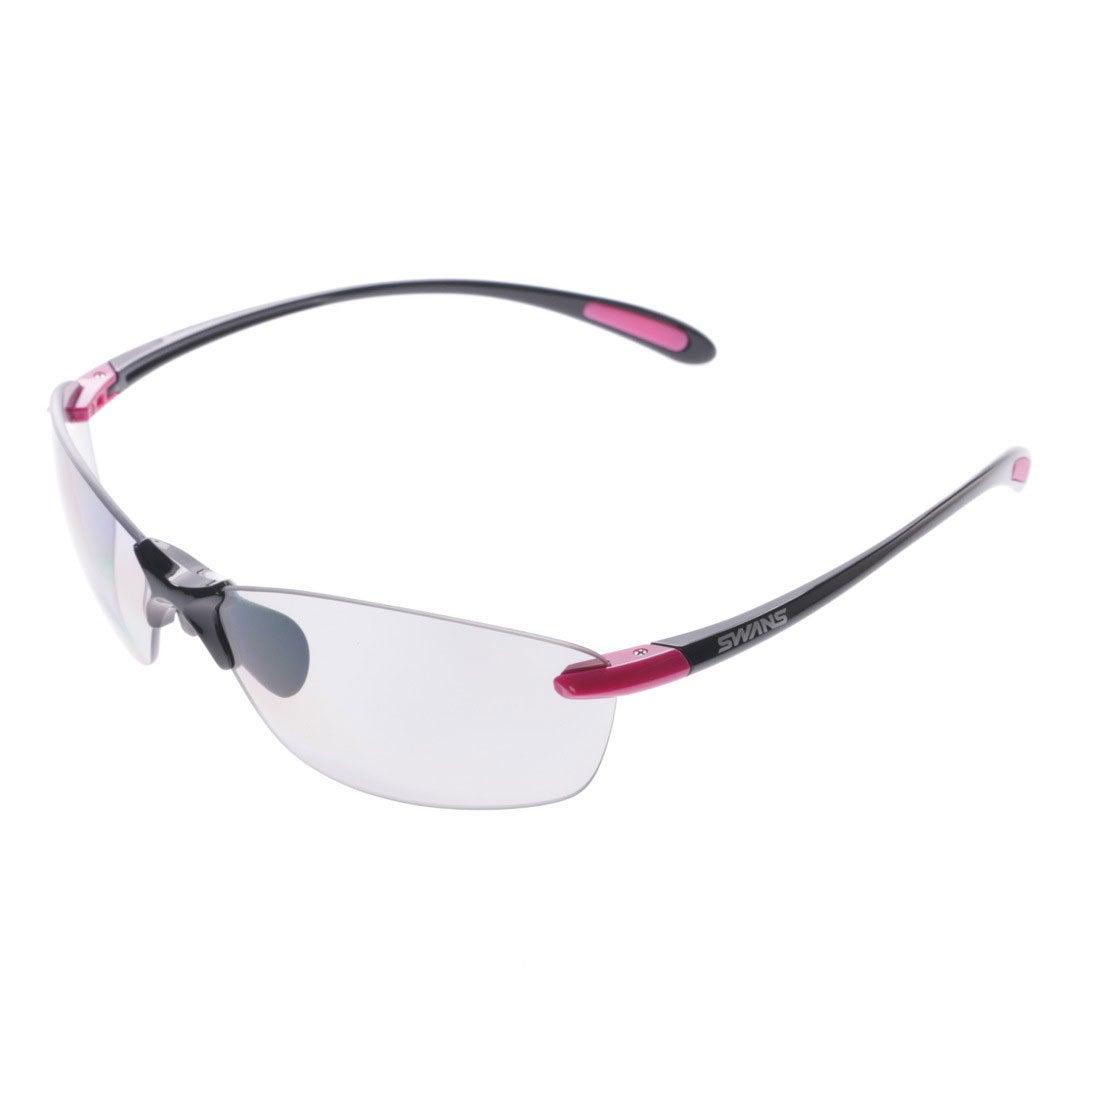 【SALE 20%OFF】スワンズ SWANS メンズ レディース サングラス スワンズ SWANS サングラス Airless Leaffit SALF-0053 (BK) SALF-0053 223 レディース メンズ